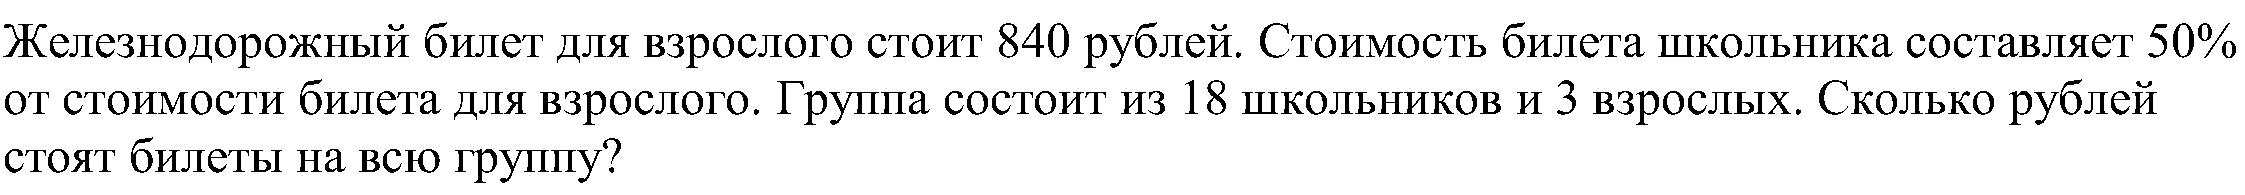 hello_html_m792e1944.png